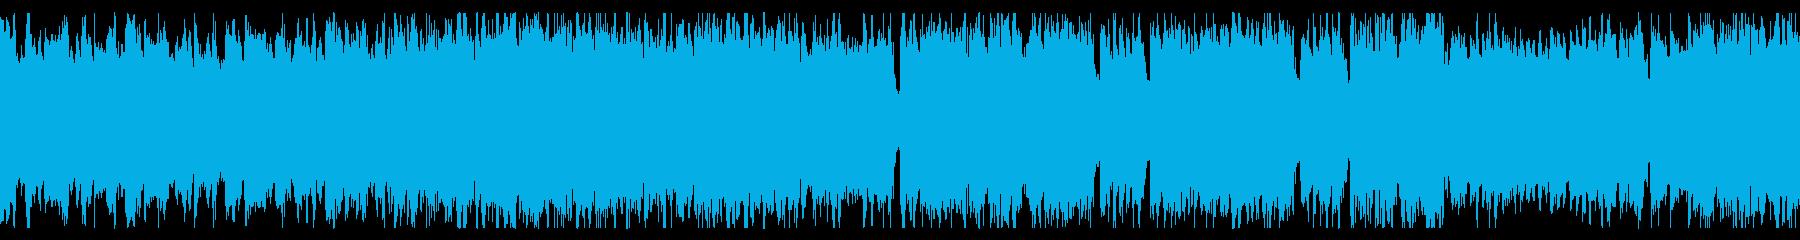 ループ素材 疾走感のあるチップチューンの再生済みの波形